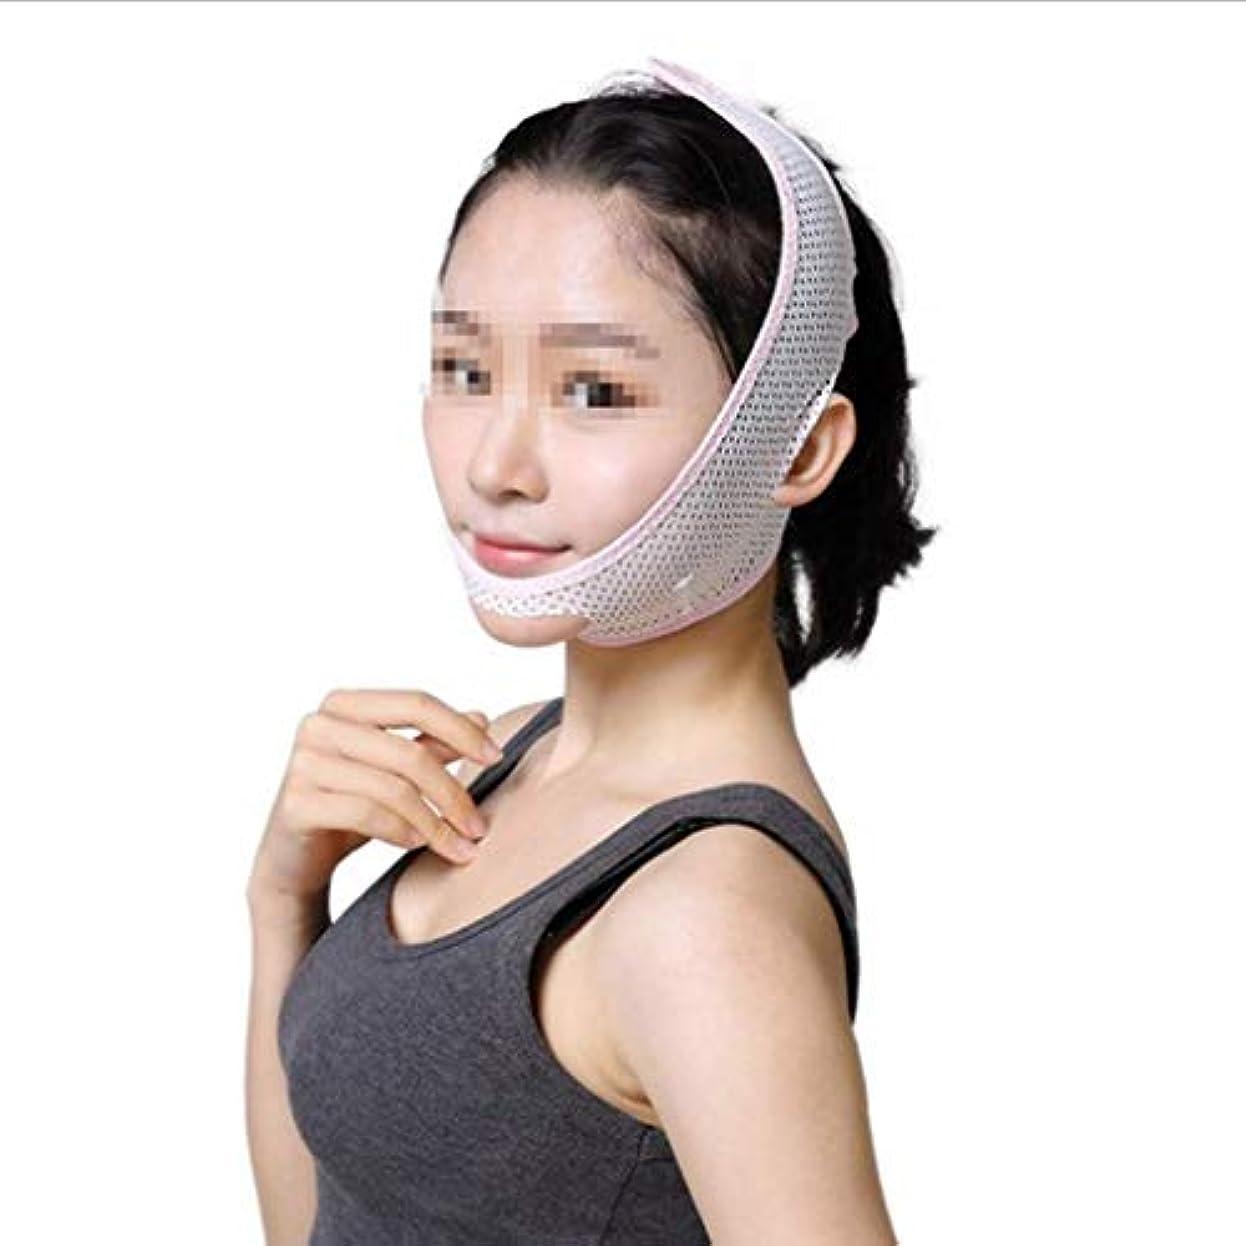 名声精算目的美しさと実用性のある超薄型通気性フェイスマスク、包帯Vフェイスマスクフェイスリフティングファーミングダブルチンシンフェイスベルト(サイズ:L)